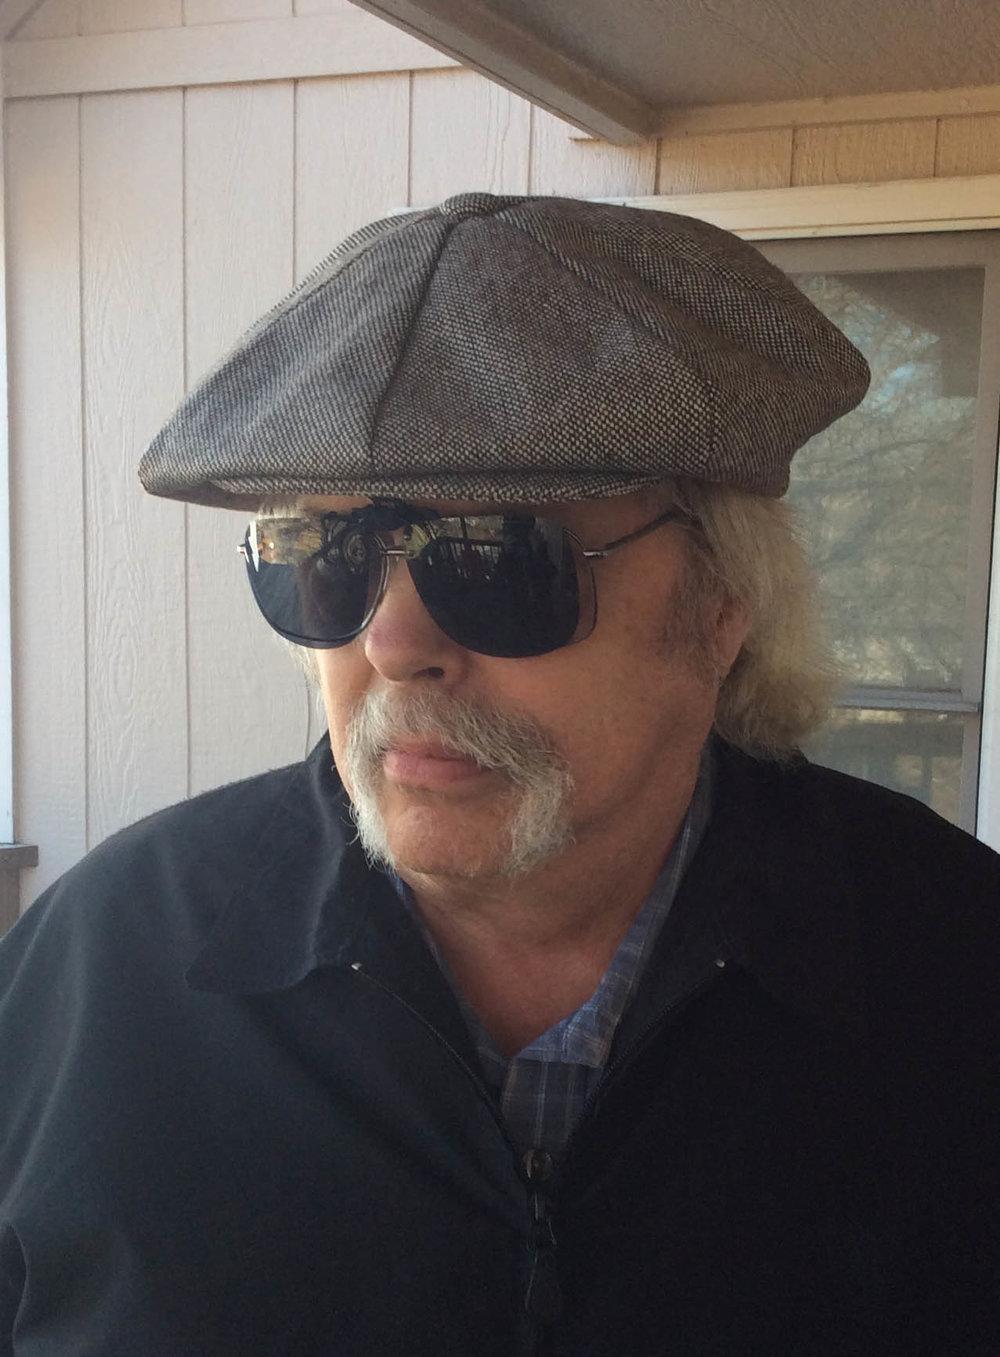 Gary Lechliter